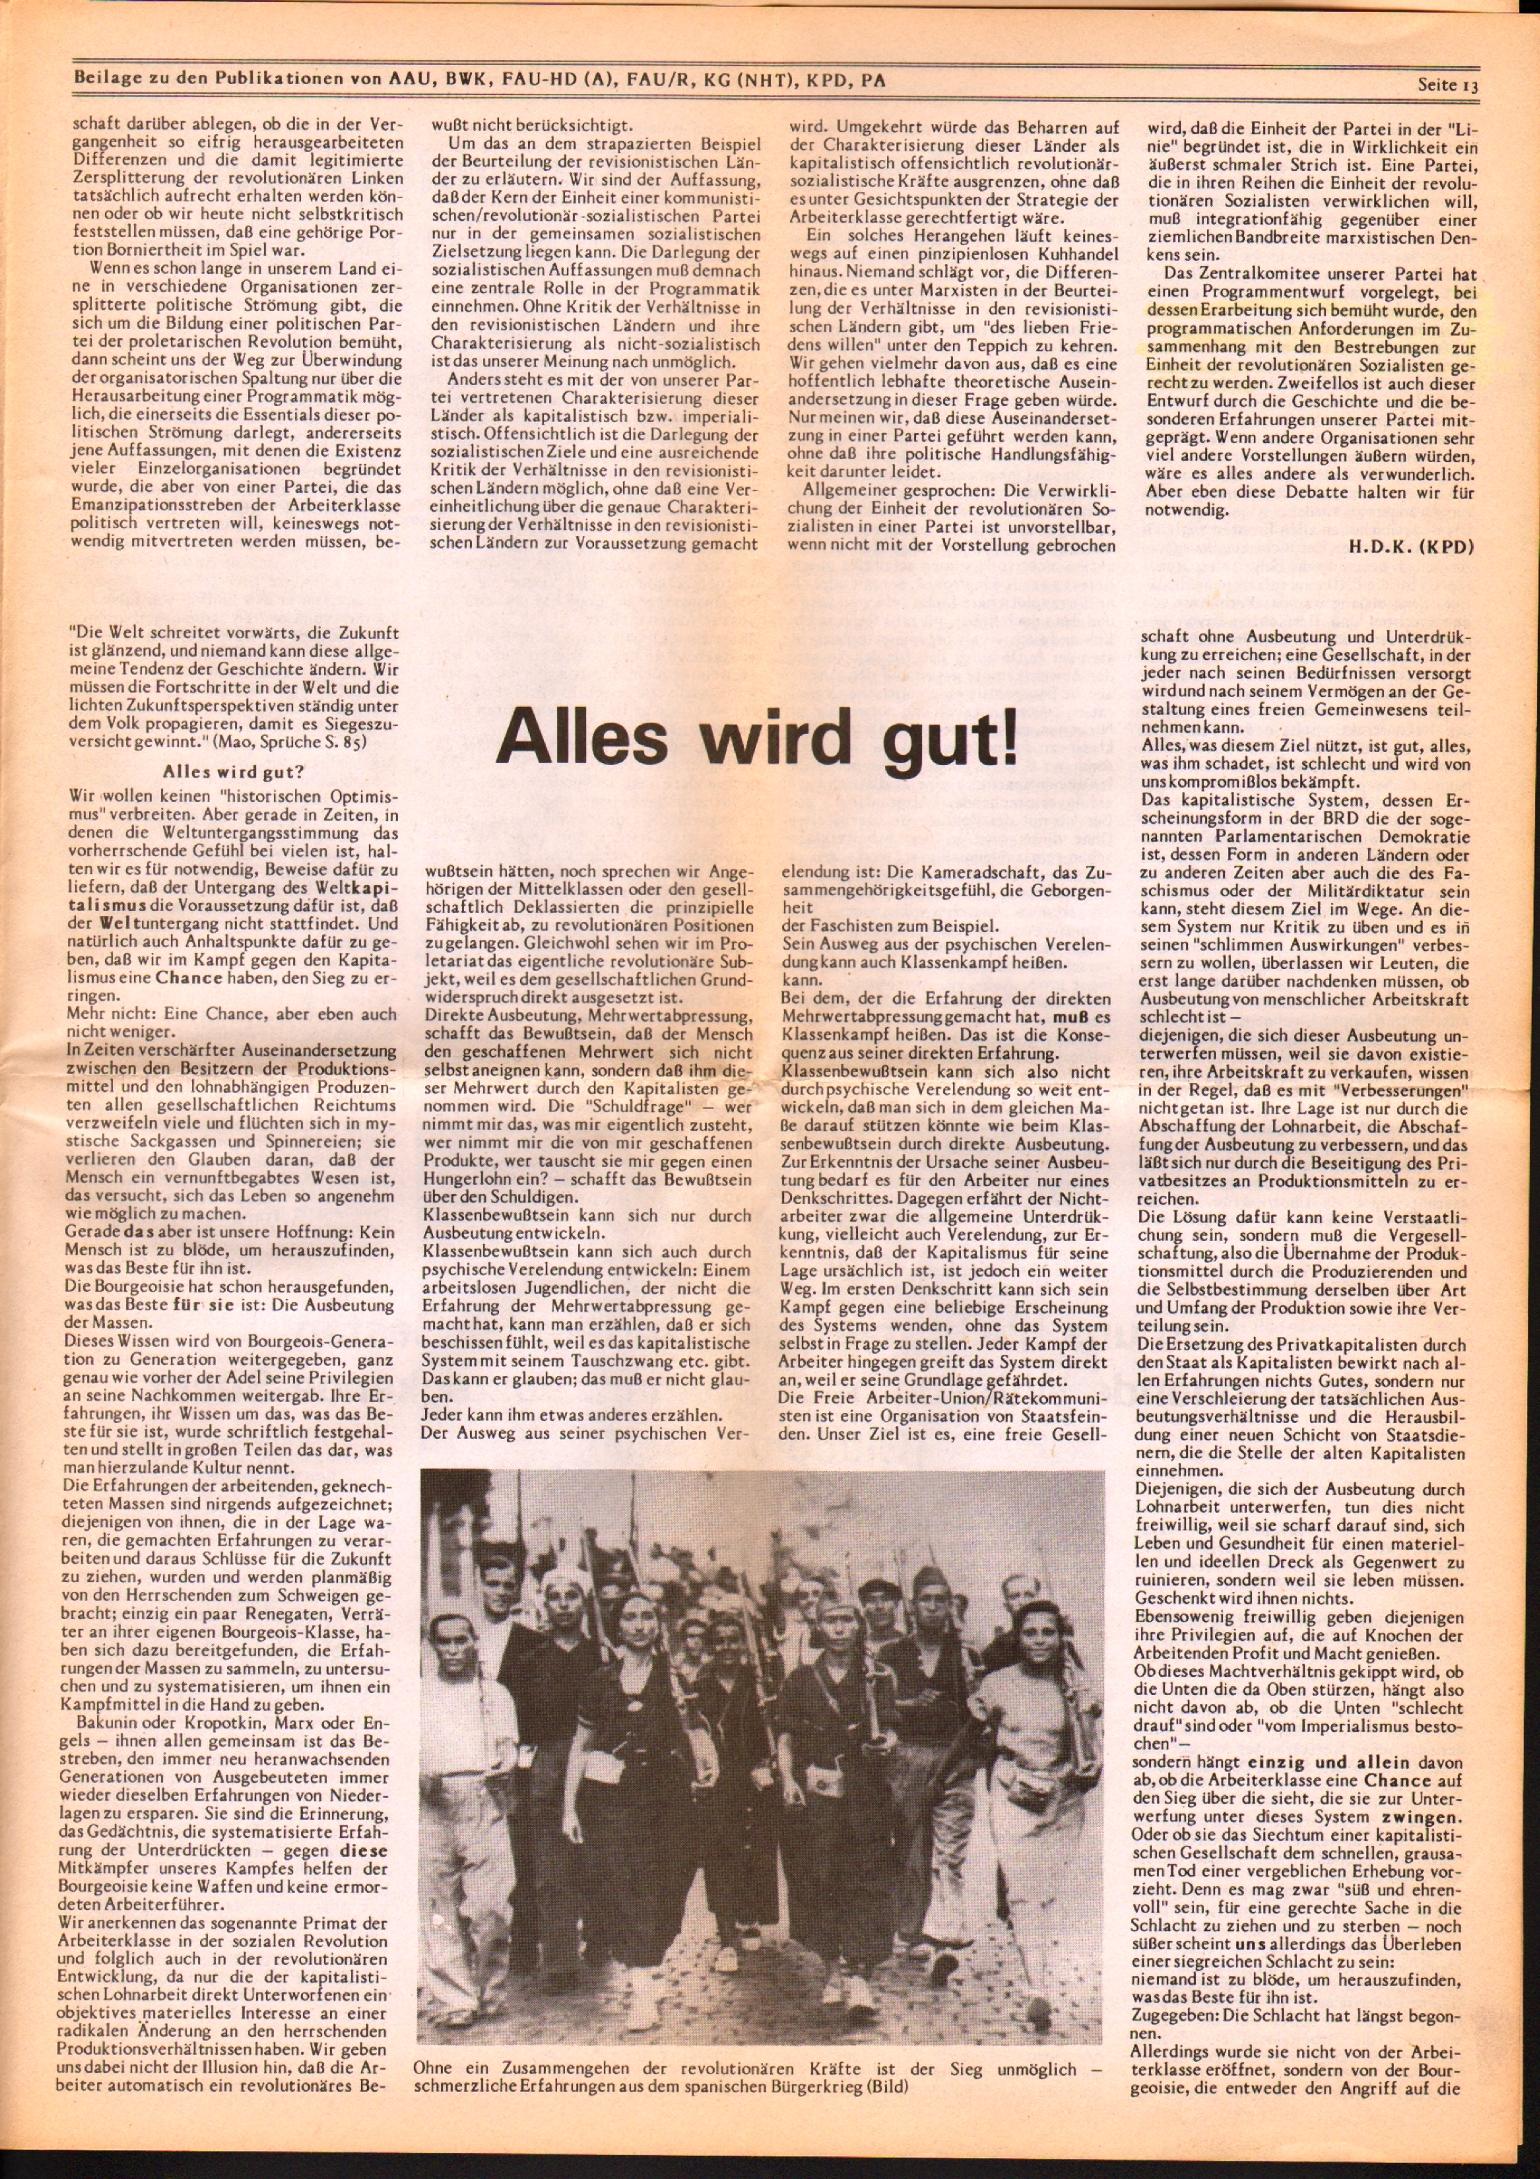 Gemeinsame_Beilage_1985_02_13